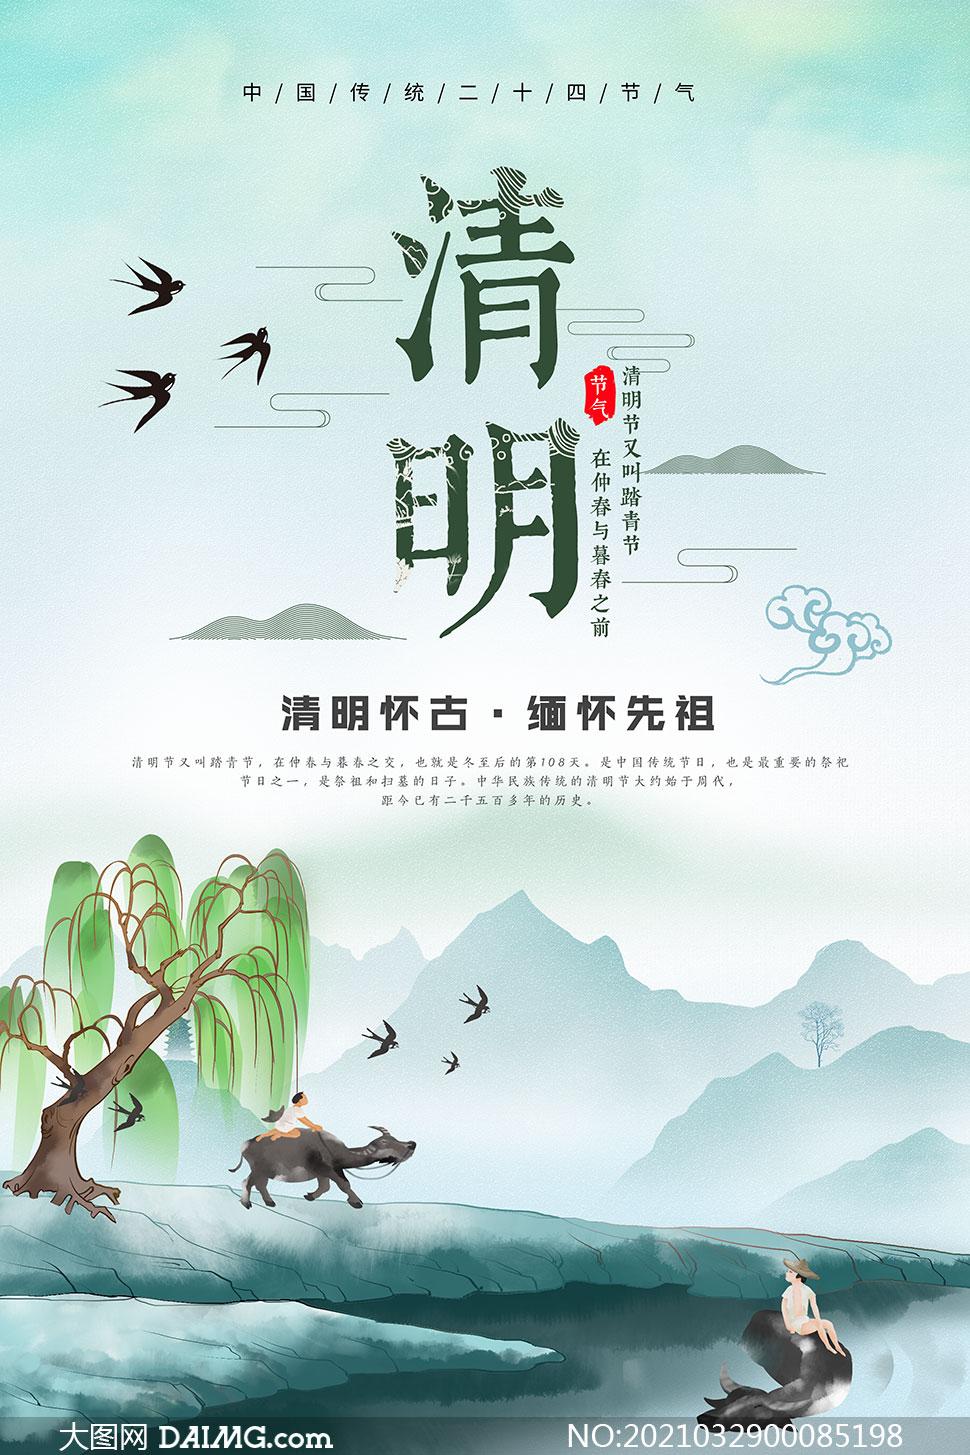 清明節緬懷先祖海報設計PSD素材